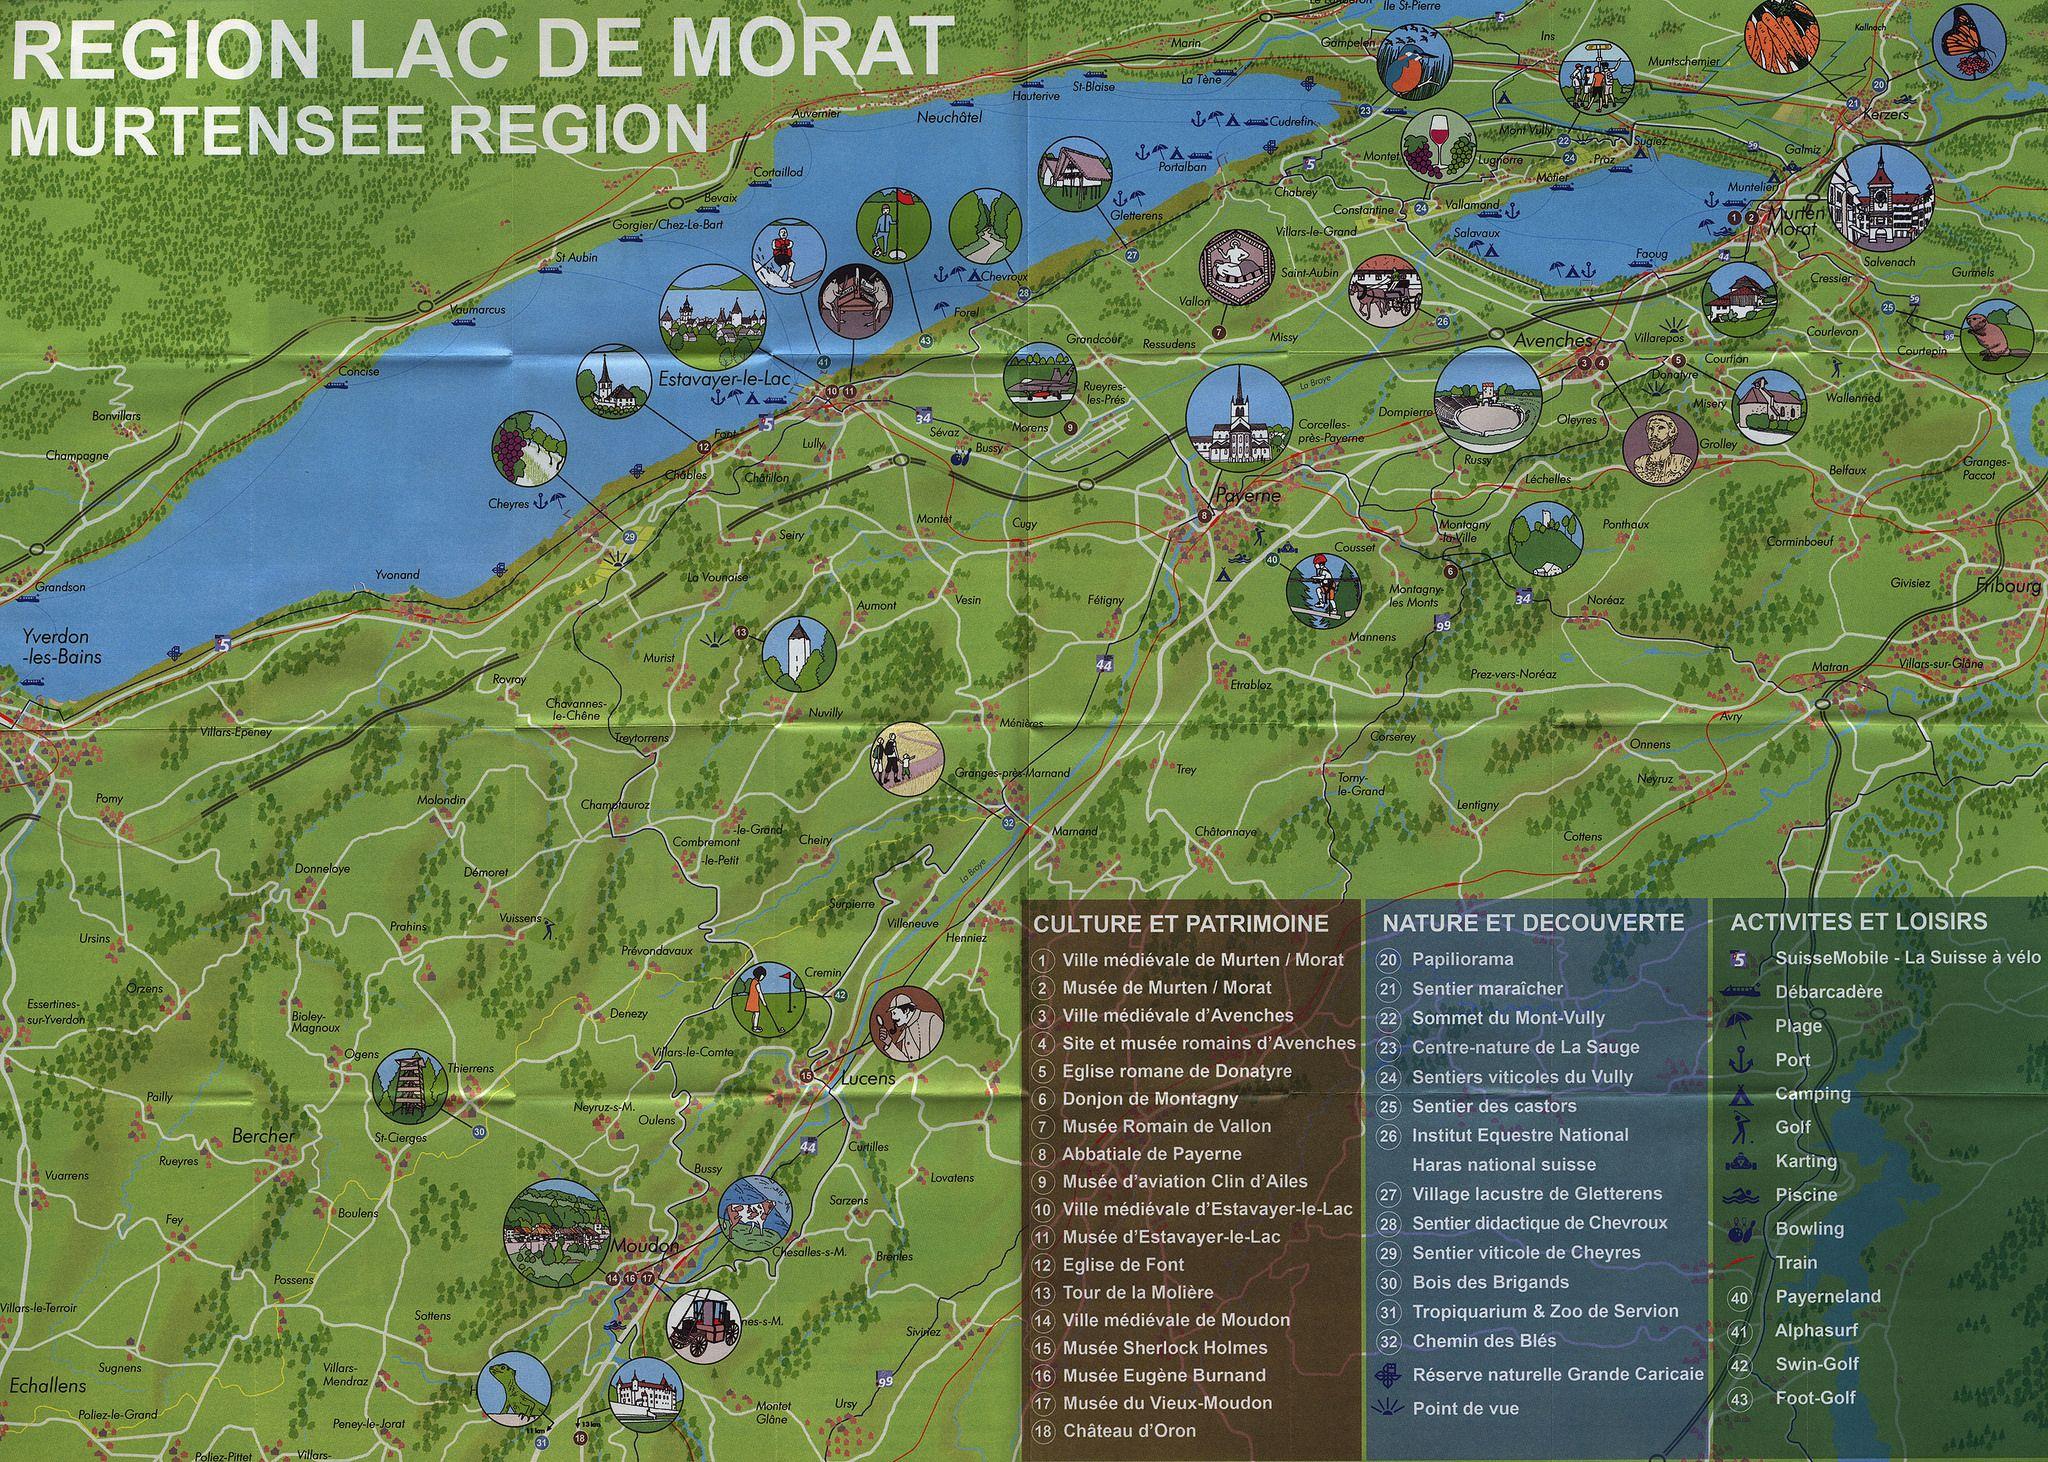 Murtensee Region Region Lac de Morat MurtenMorat Vully